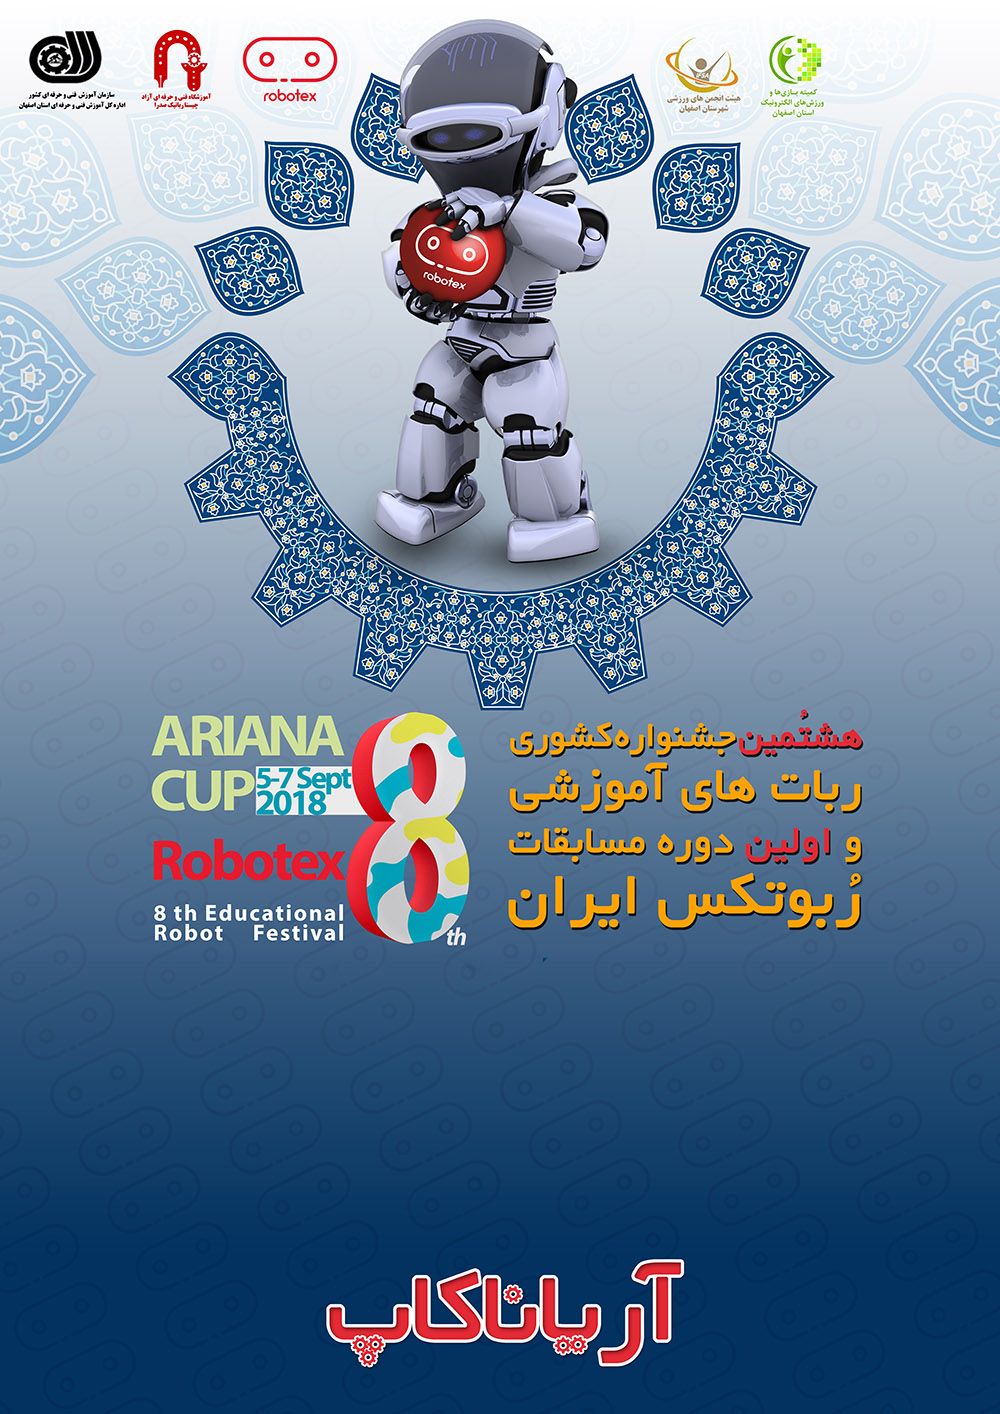 ربات - رباتیک - صدرا- فنی و حرفه ای- مسابقات - جشنواره- sadra robot- sadrarobot- Ariana- آریانا- اصفهان- خلاقیت- نوآوری-